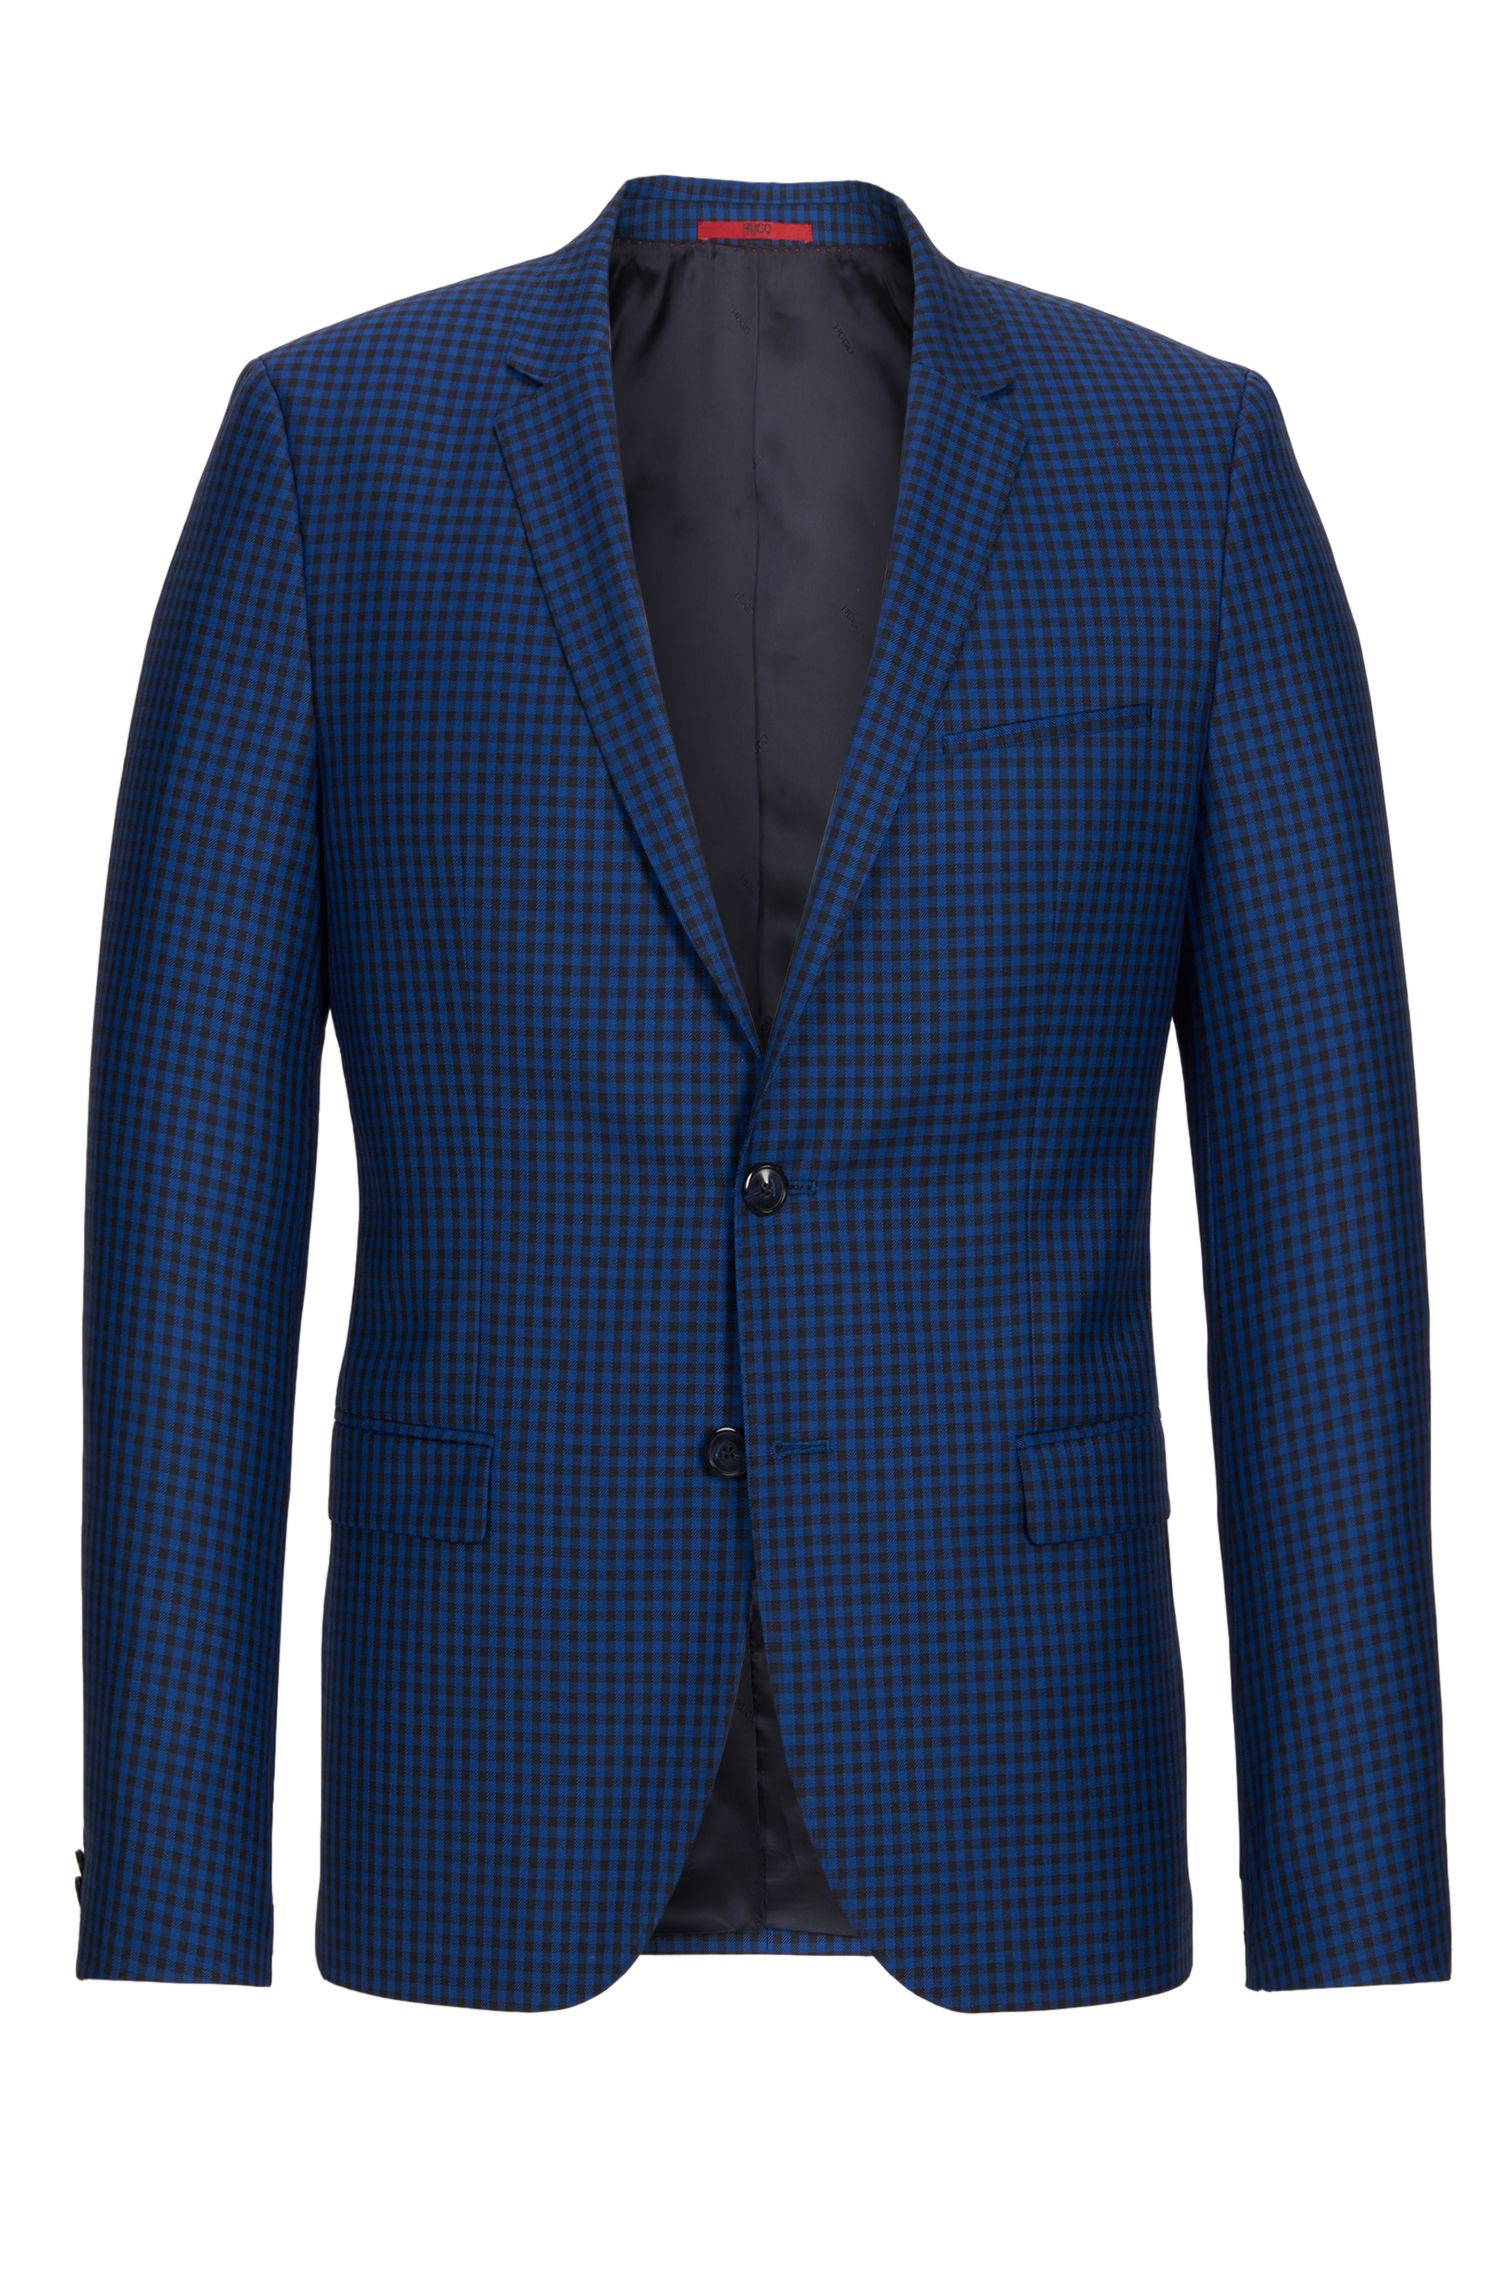 Gingham Virgin Wool Sport Coat, Slim Fit | Arti